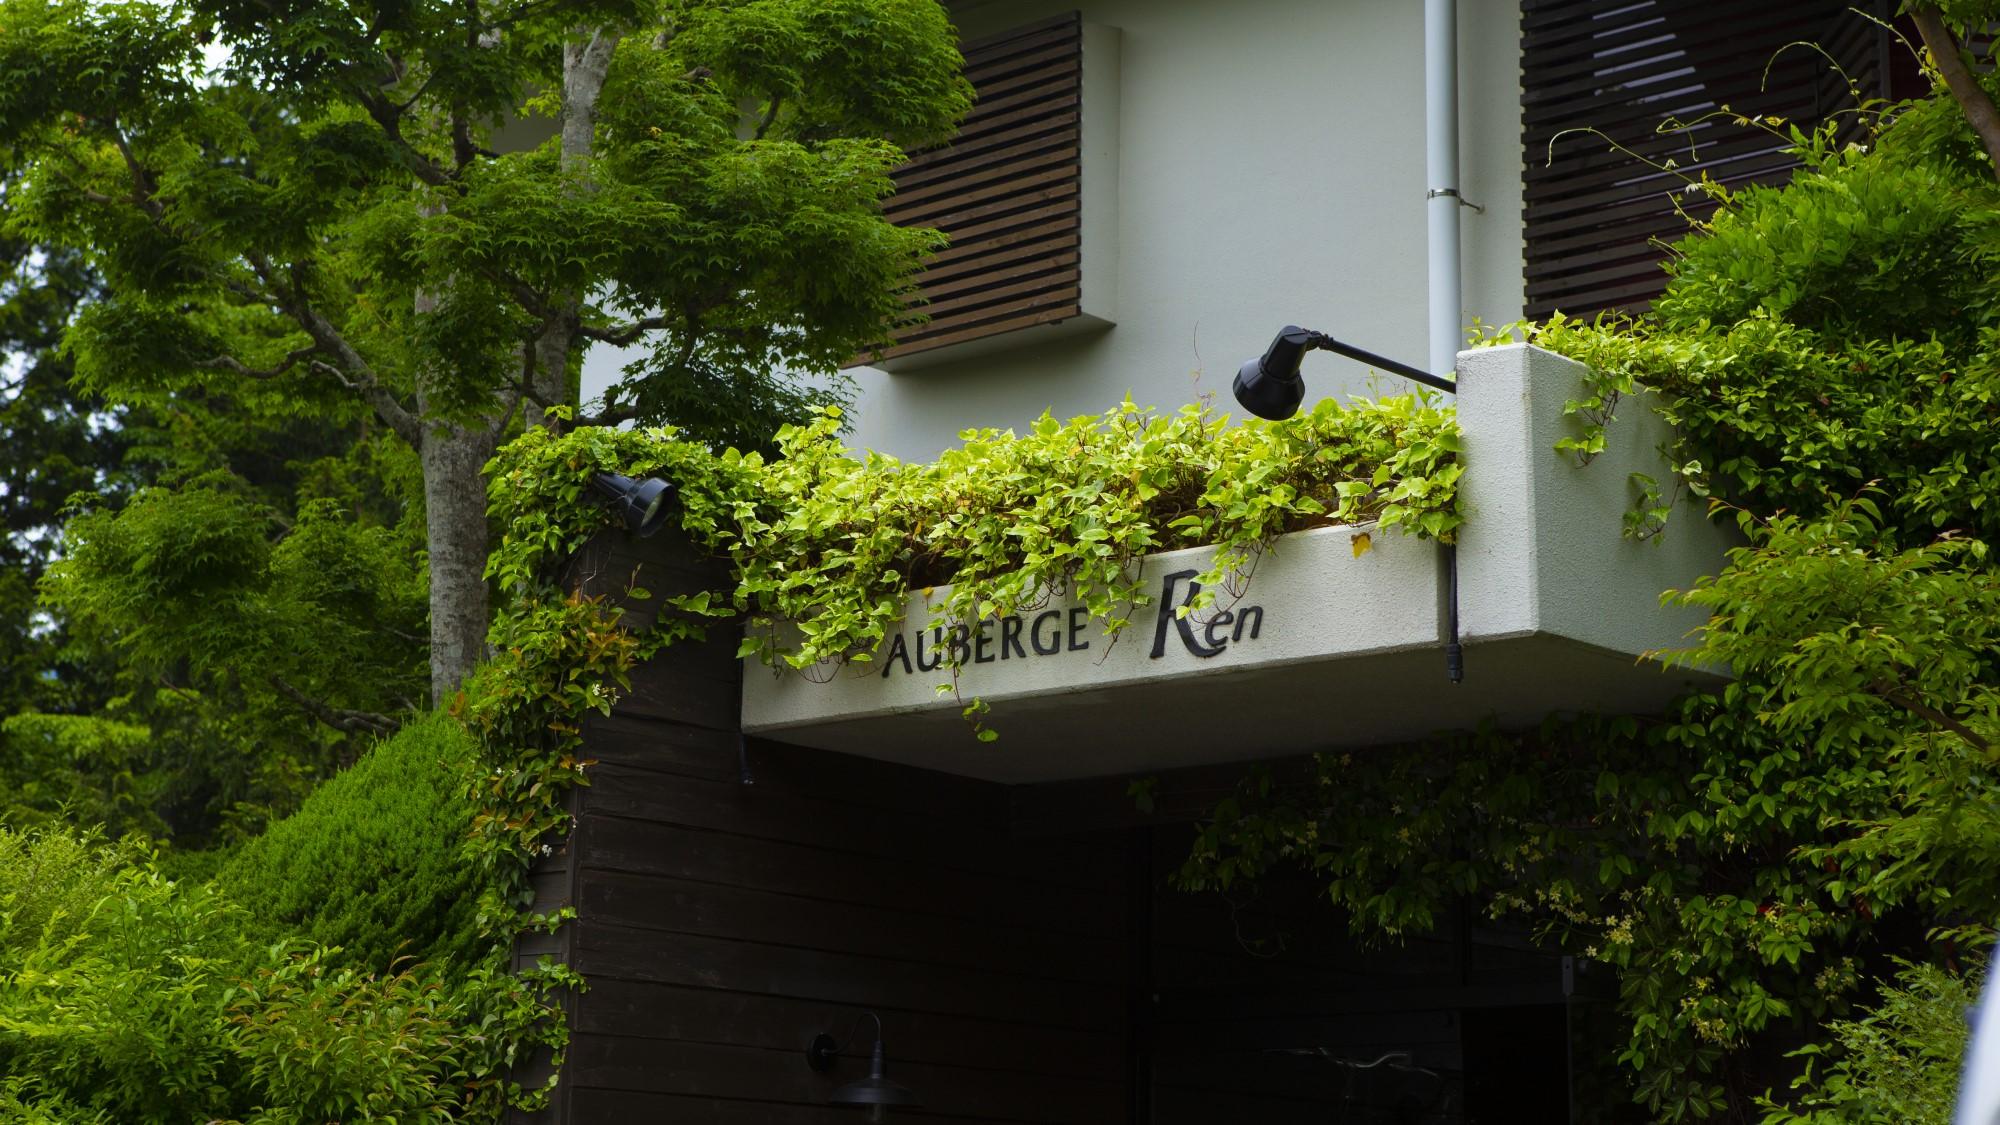 箱根仙石原温泉 オーベルジュ漣−Ren−